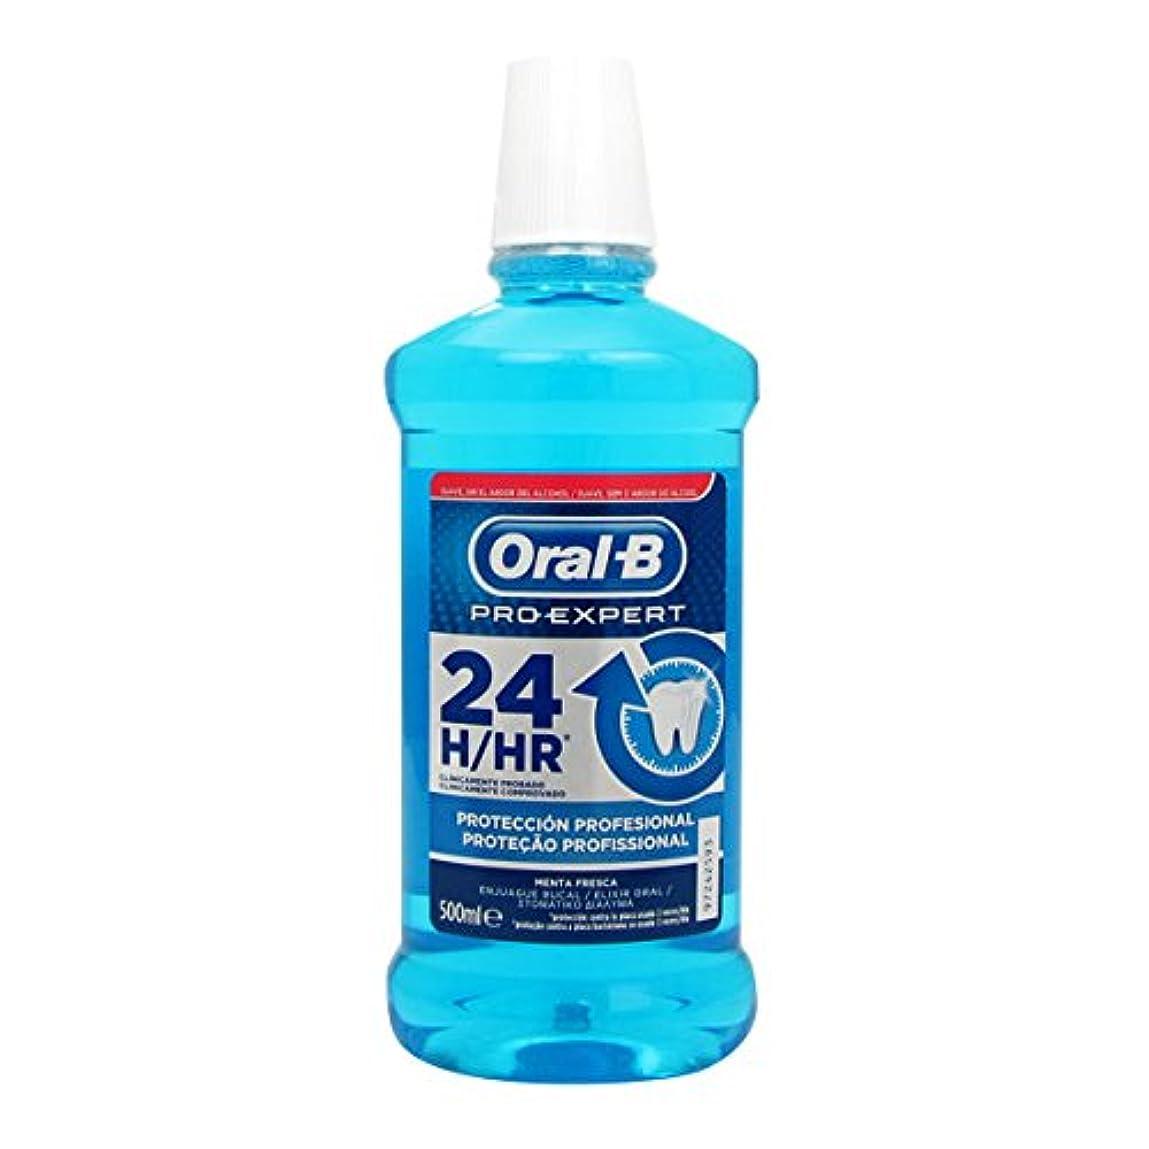 歩行者水平謝罪するOral B Pro Expert Elixir Professional Protection 500ml [並行輸入品]